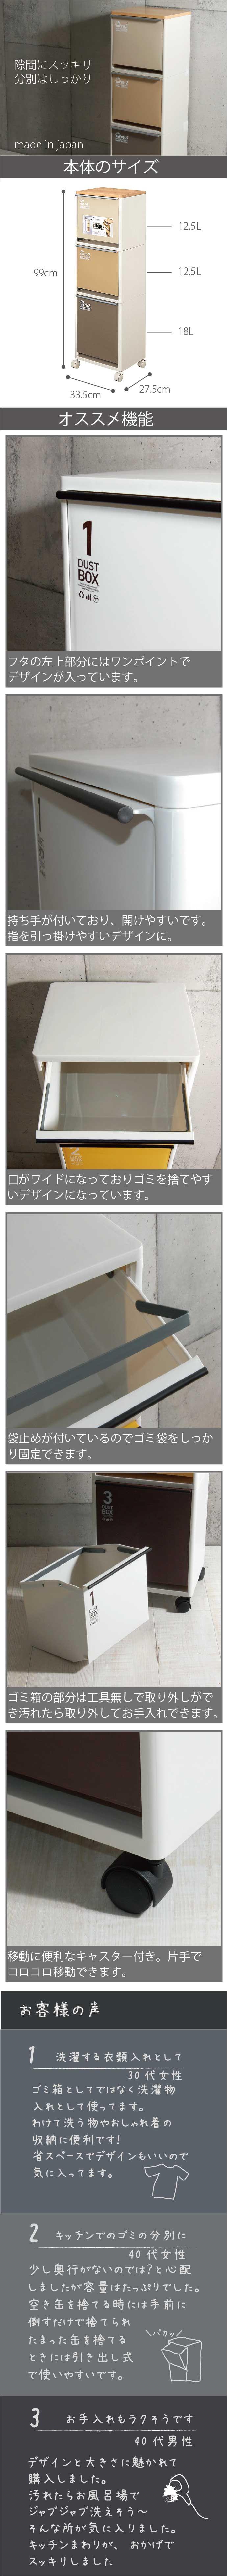 3種類の分別、キッチンで活躍する縦型ゴミ箱は送料無料。日本製 木目 M資源ゴミ分別ワゴン 3段 ゴミ箱 ごみ箱 ダストボックス ふた付き おしゃれ 分別ゴミ箱 屋外ゴミ箱 スリムゴミ箱 キッチンゴミ箱 インテリア雑貨 北欧テイスト リビングゴミ箱 フロントオープンゴミ箱 縦型 かわいい デザイン 生ごみ カウンター 3分別 アスベル